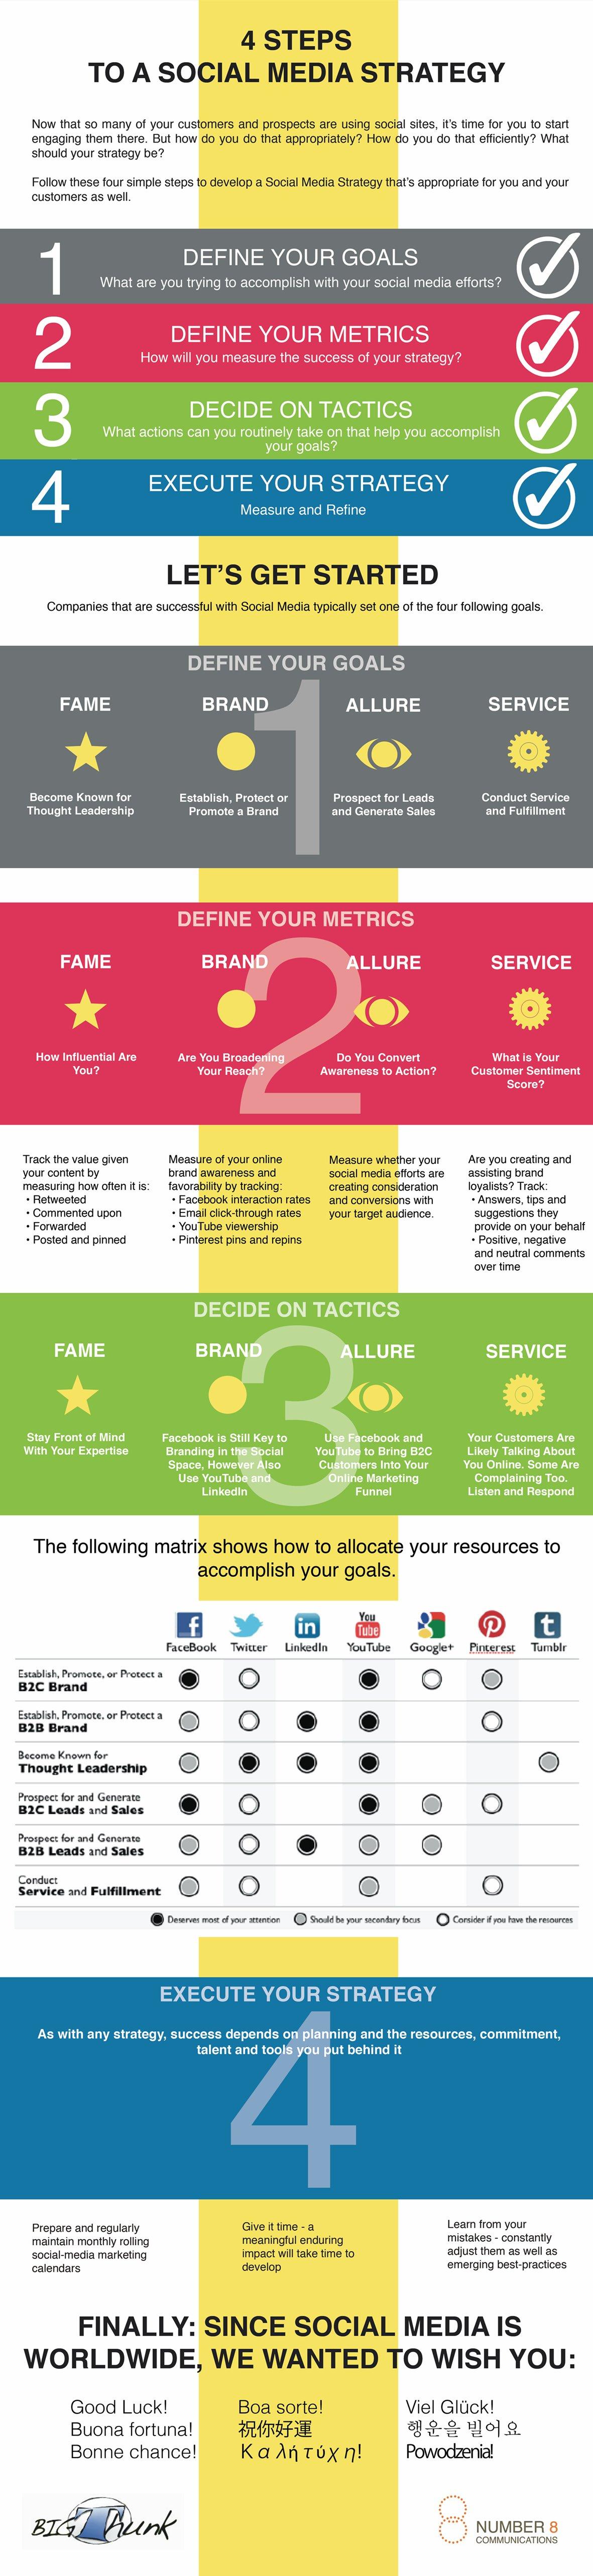 4 pasos para desarrollar una buena estrategia de social media